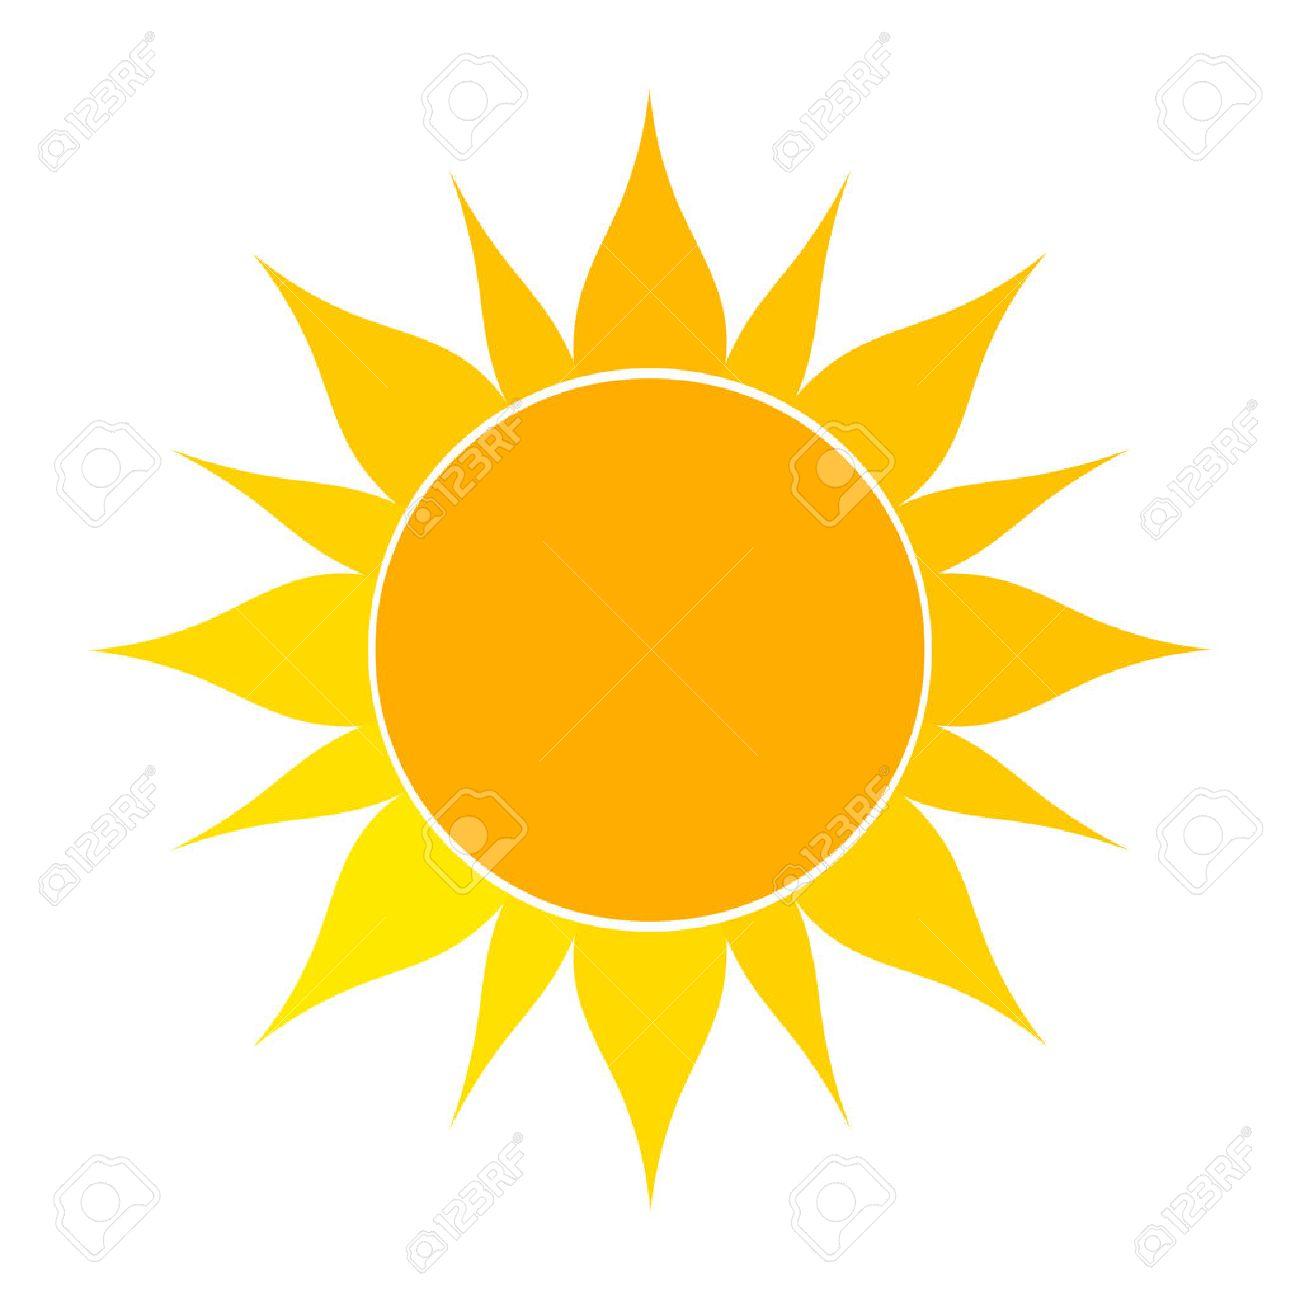 flat icone de soleil vector illustration sur fond blanc